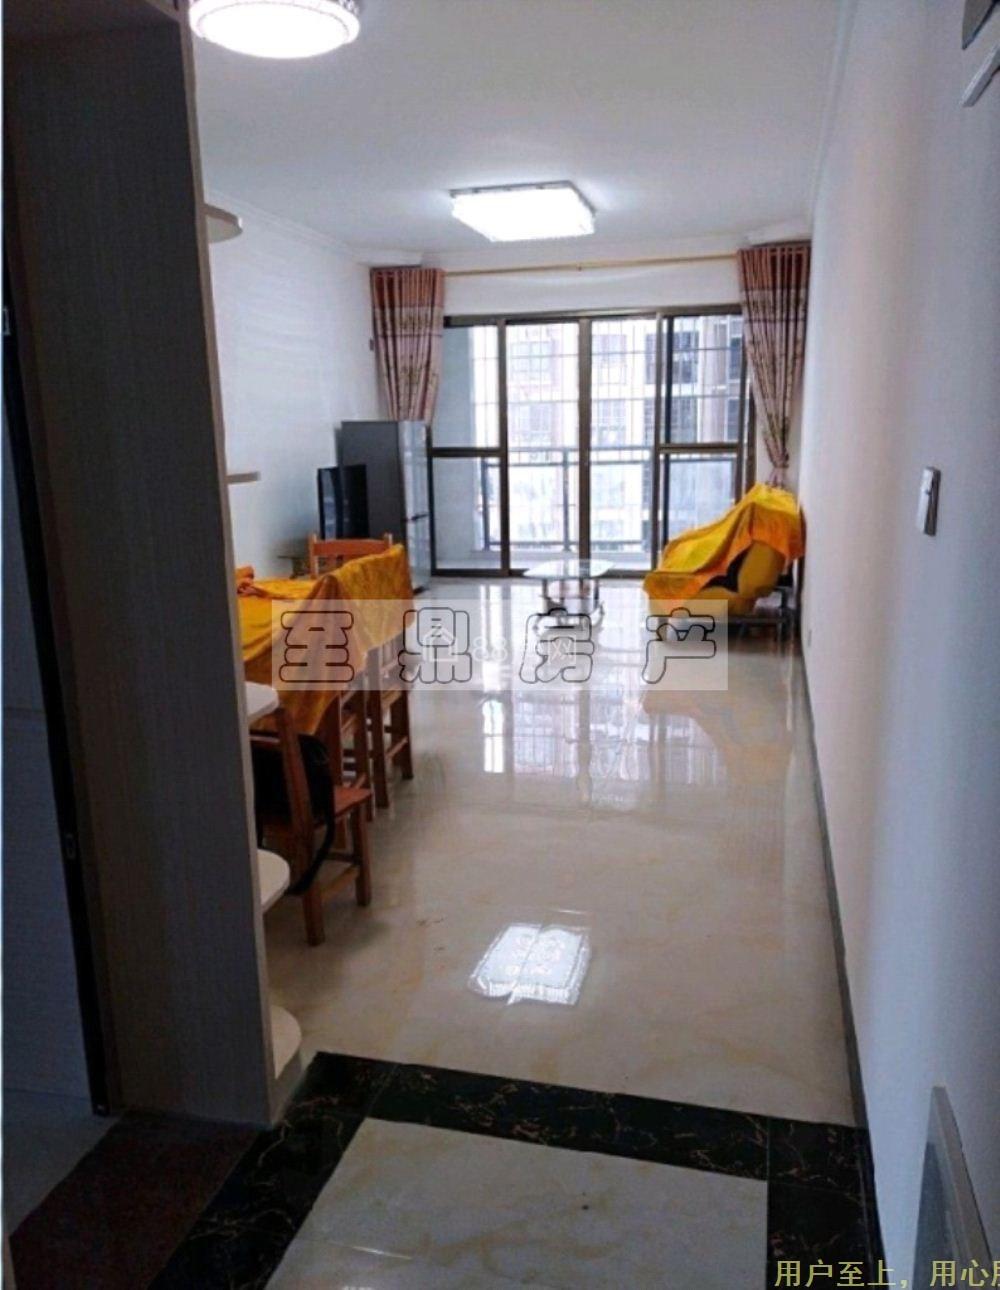 大宇康城 2200元 3室2厅2卫 中装,正规好房型出租